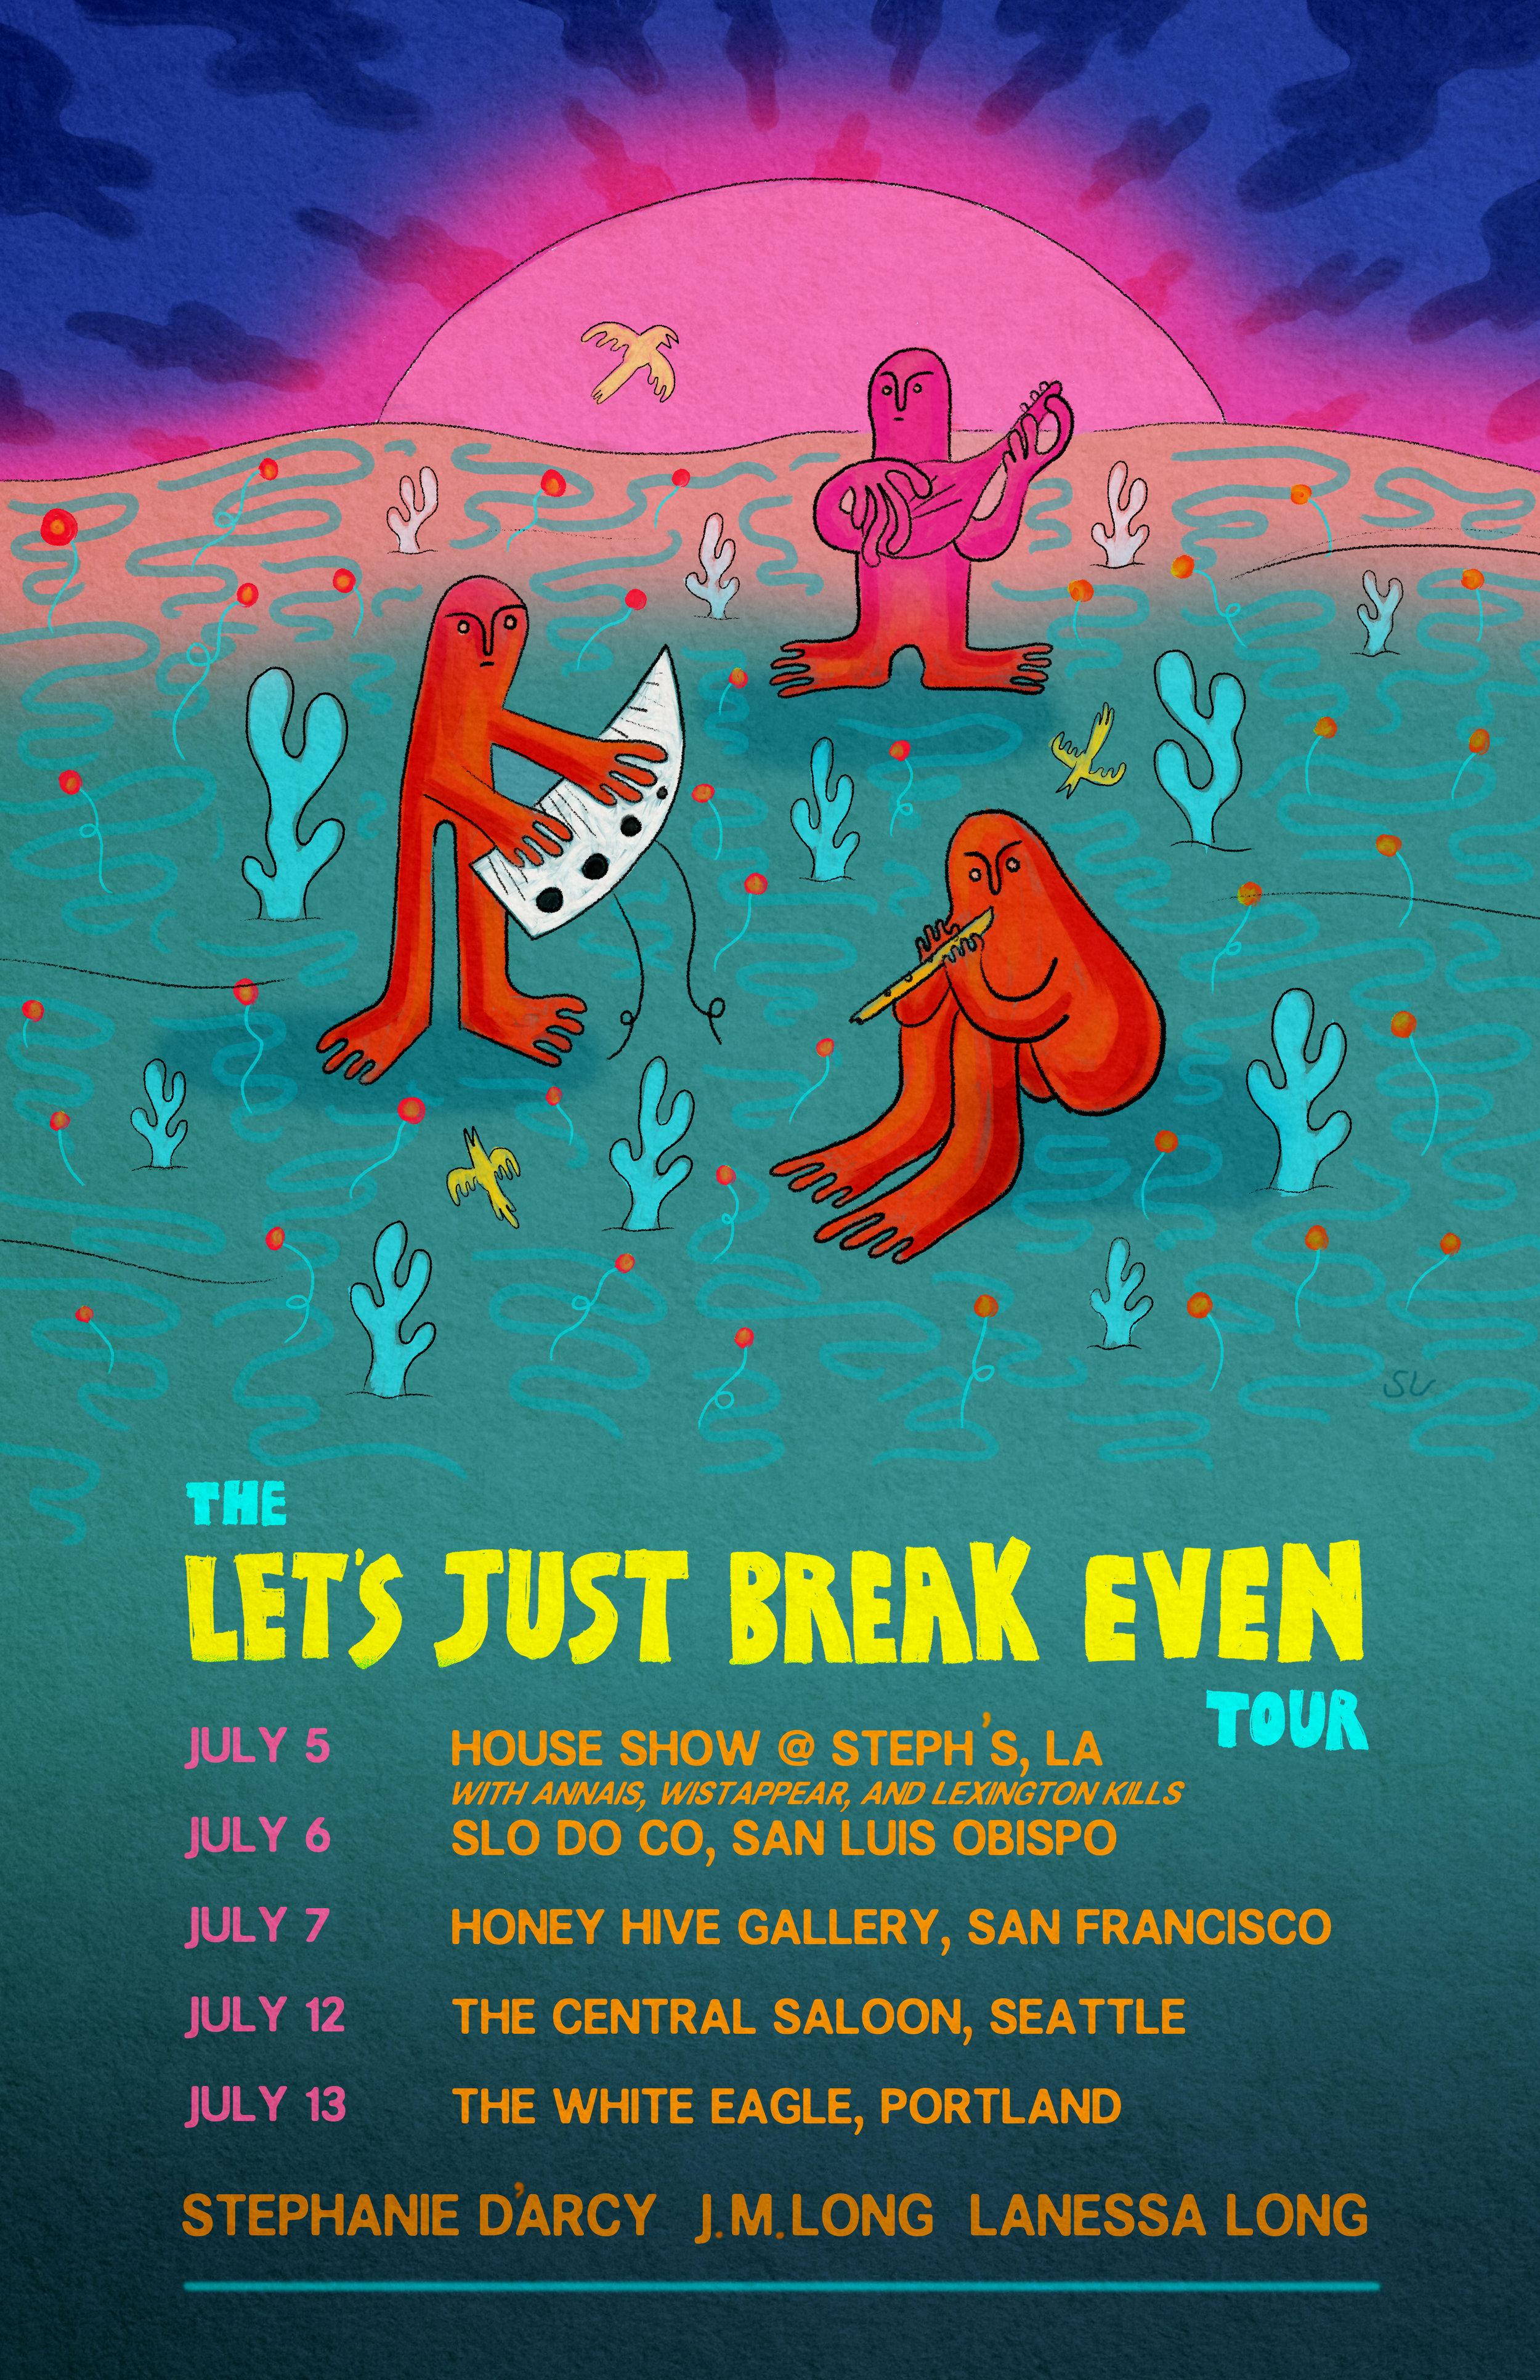 Let's Break Even Tour3.jpg